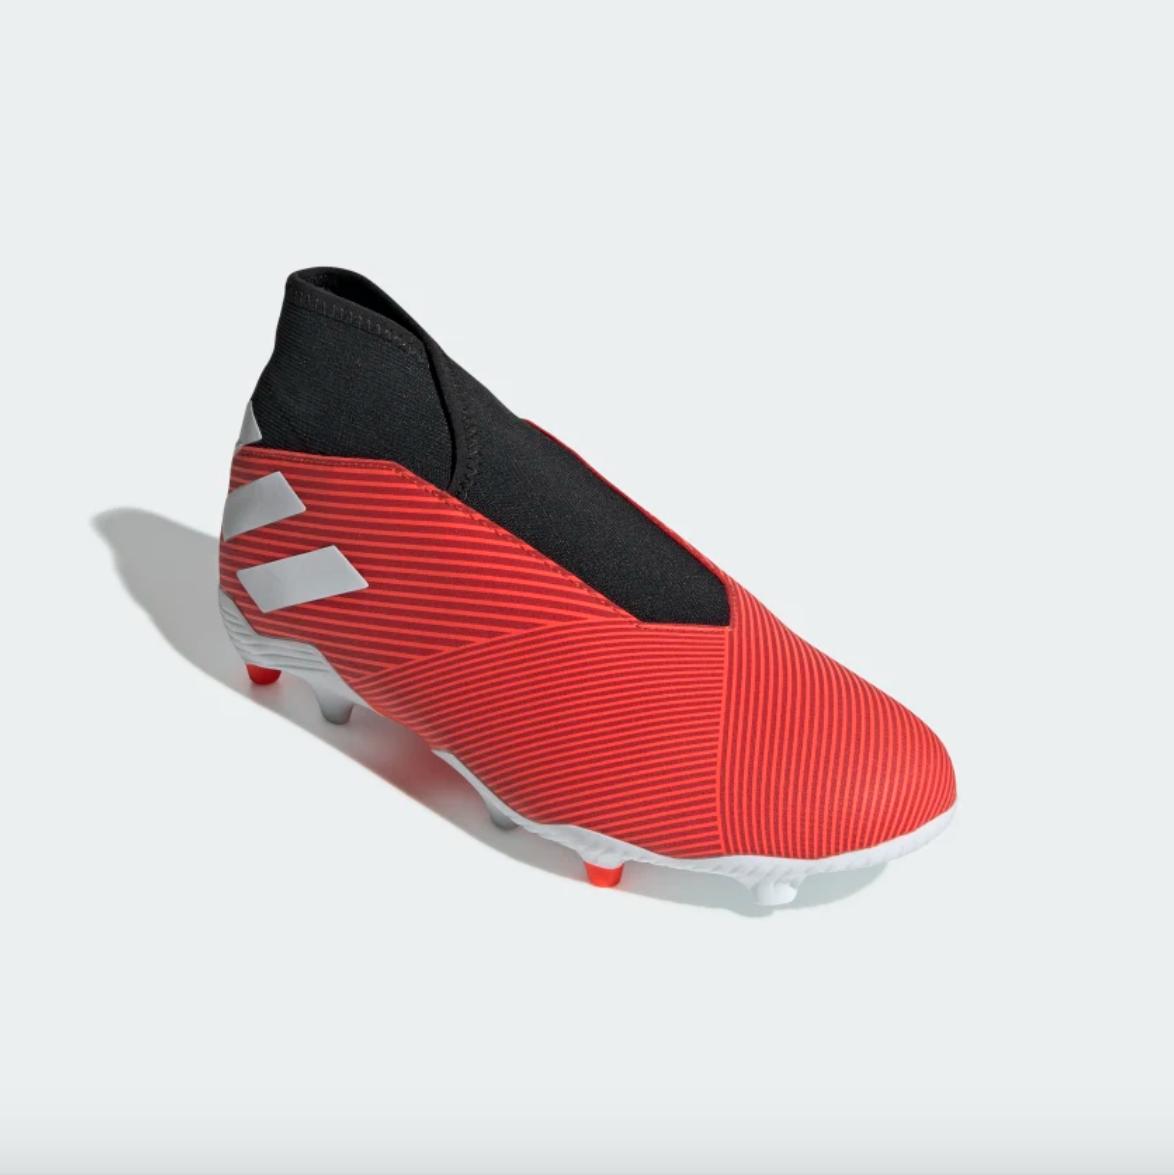 adidas lance une Nemeziz 19.3 sans lacets à 90€